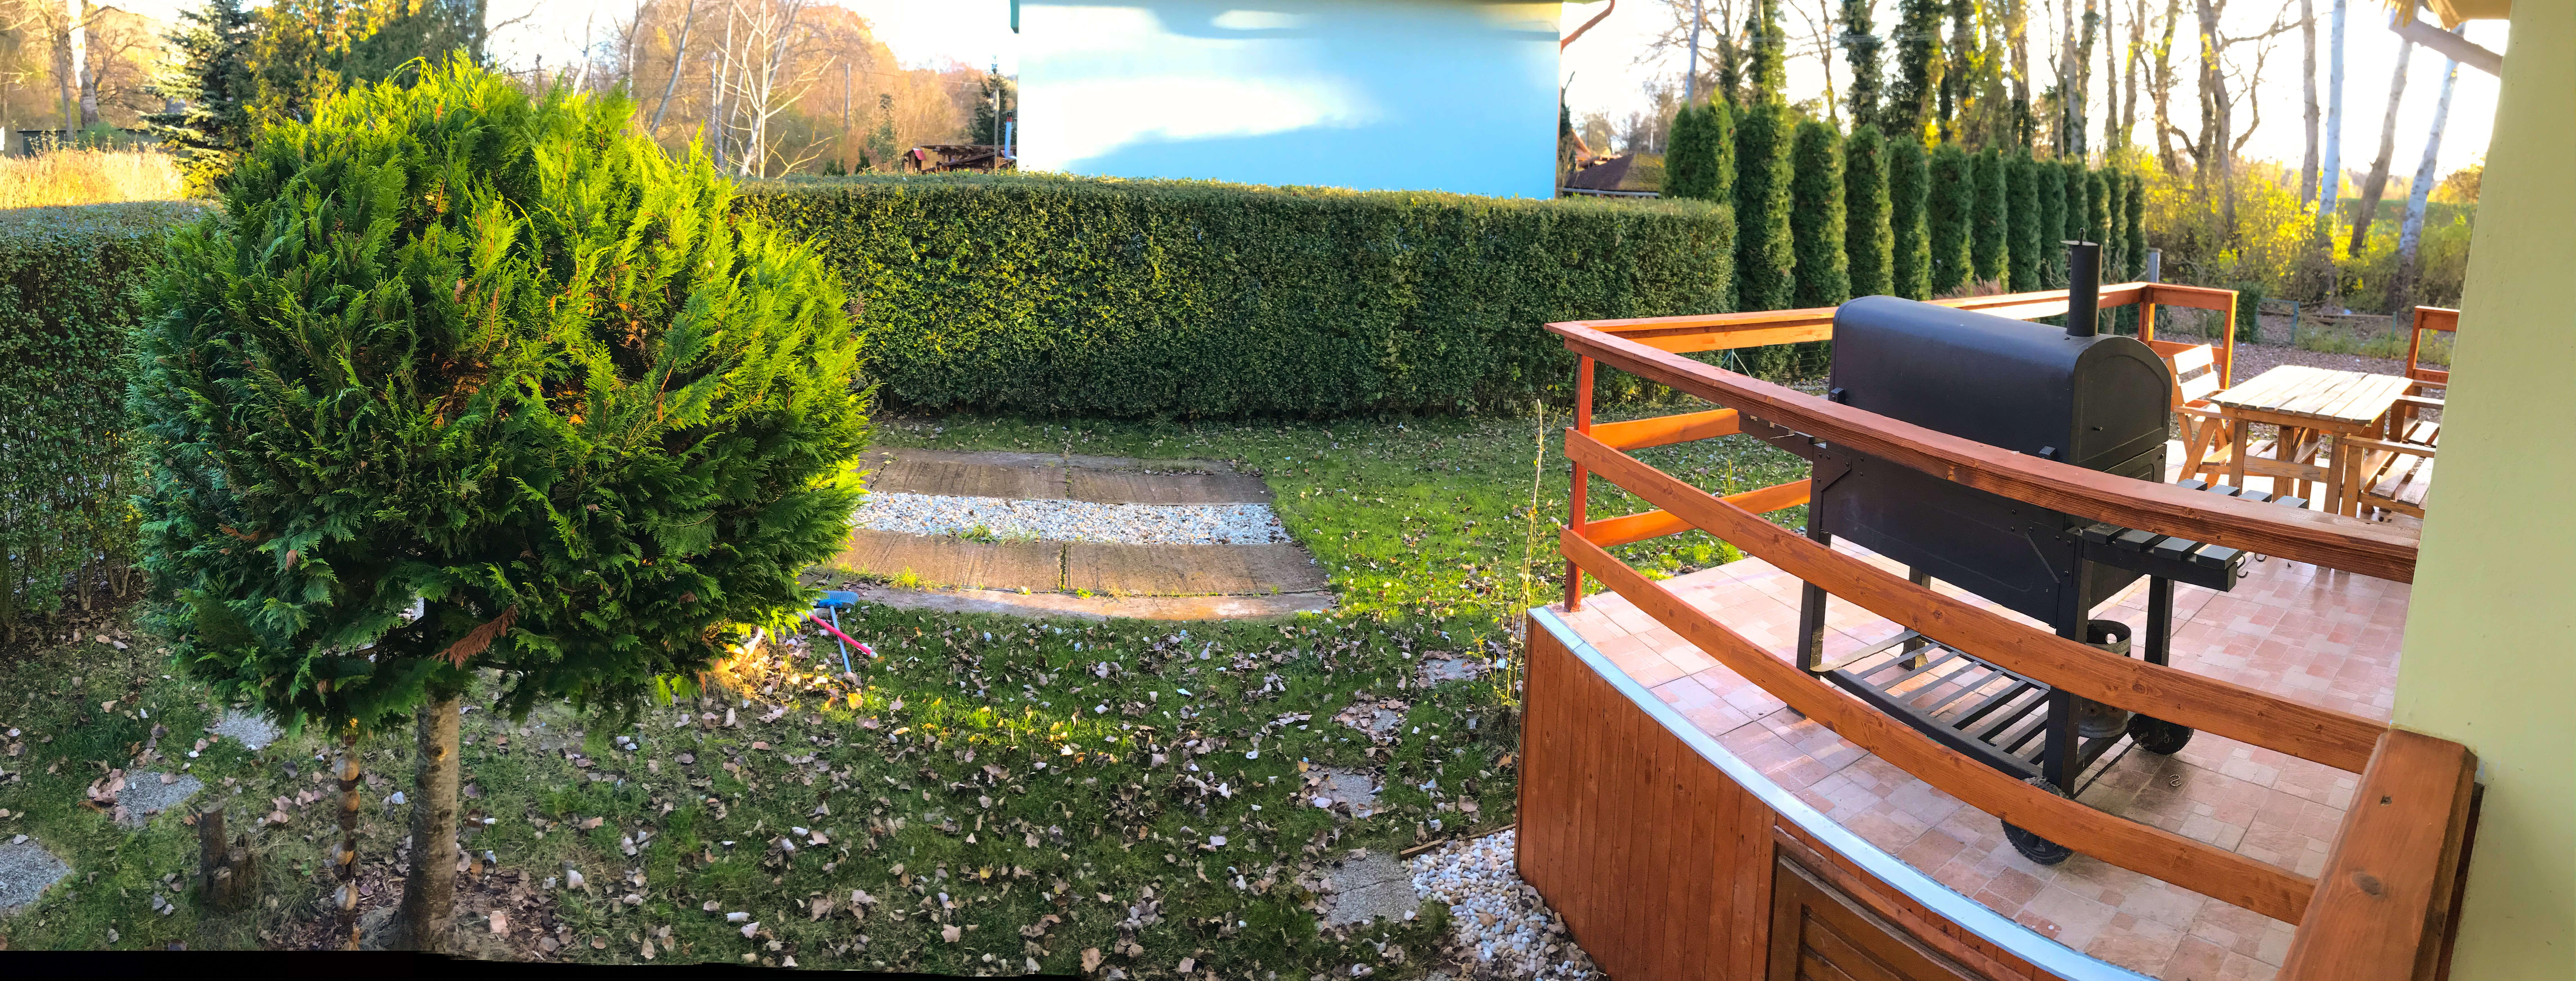 Predané: Exkluzívne 3 izbová chata o výmere 70m2 s 300m2 pozemkom, 2 podložná, v Gabčíkove pri hrádzi, kompe-28